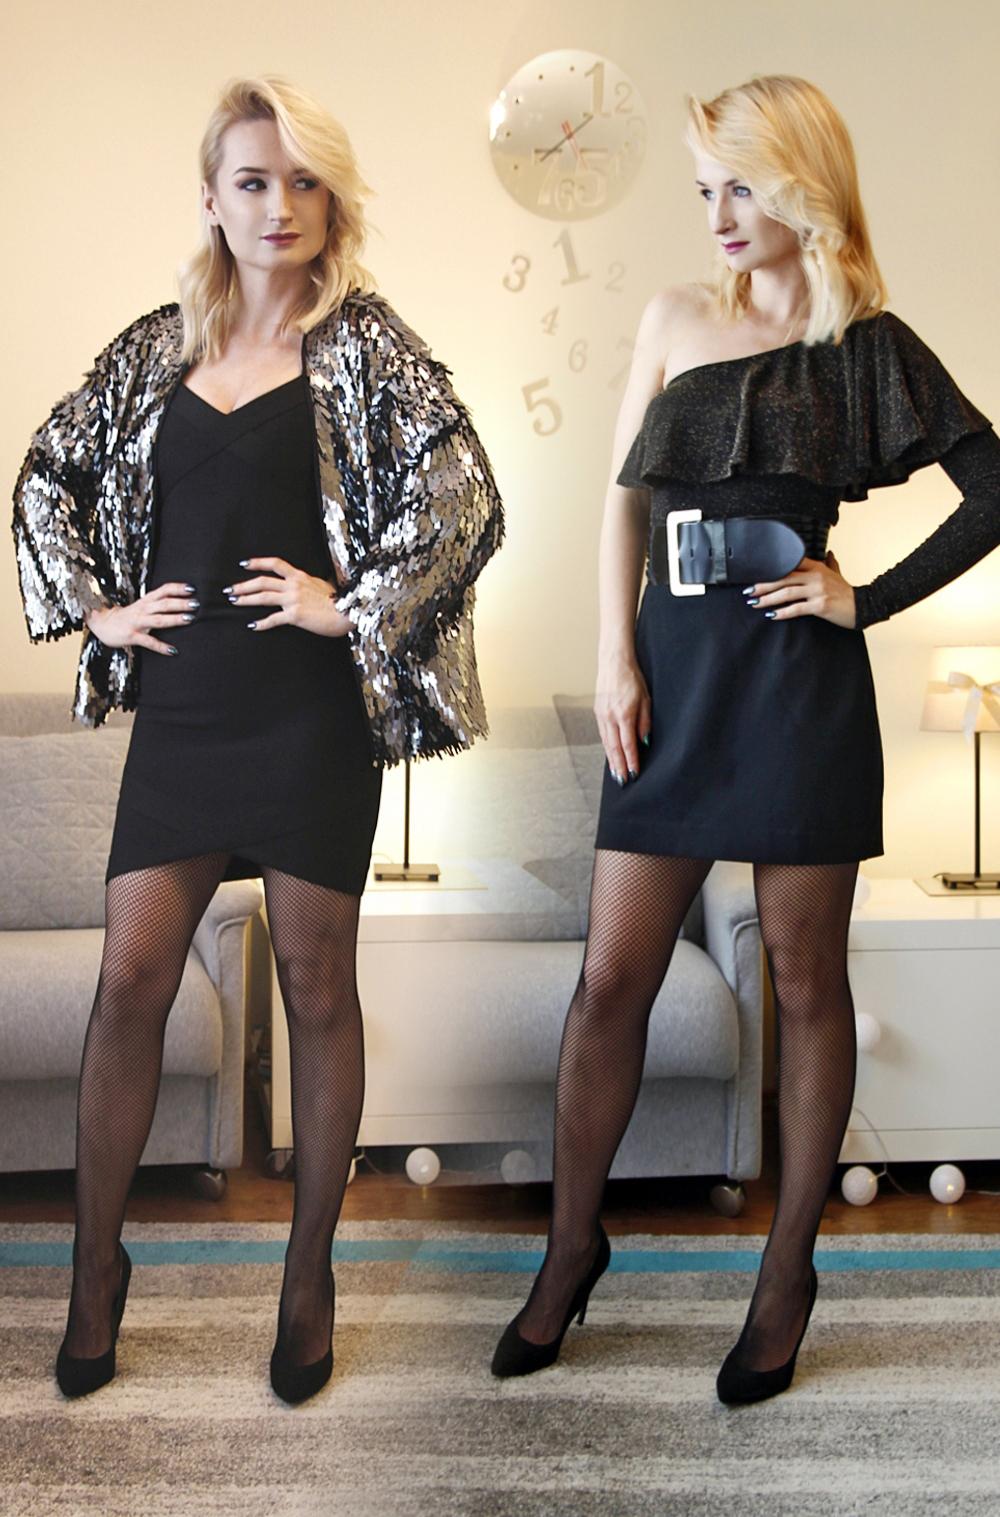 Jak się ubrać na sylwestra - 2 stylizacje